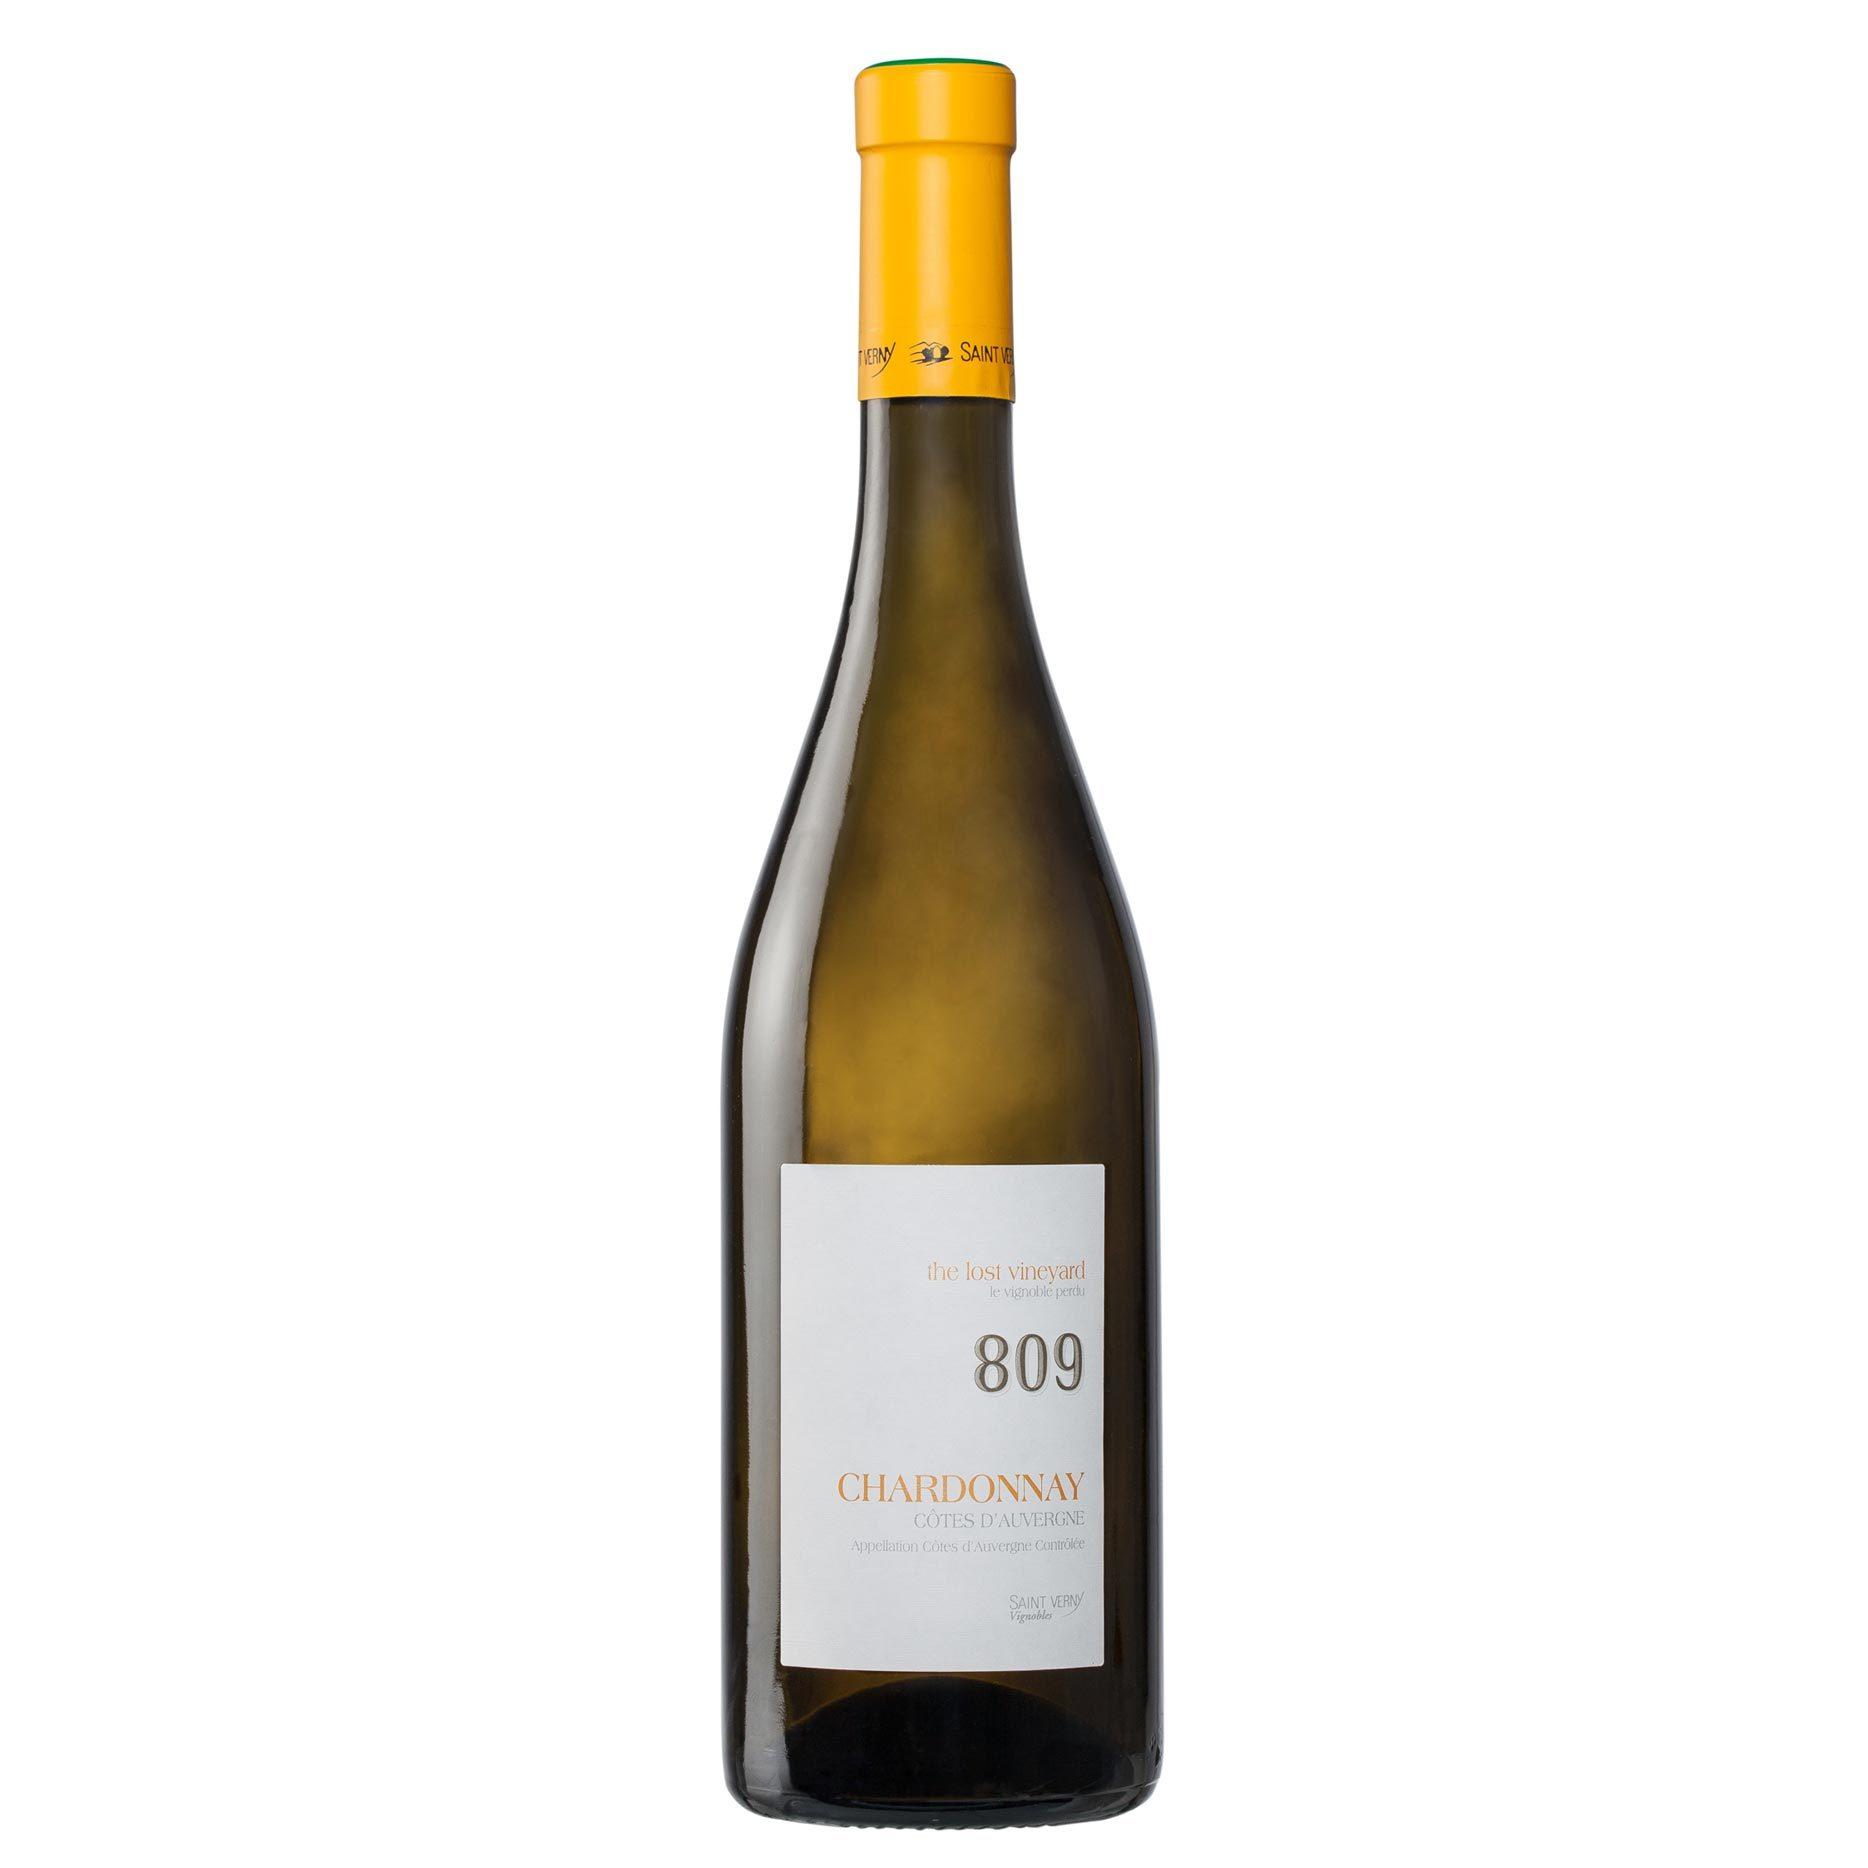 Chardonnay 809